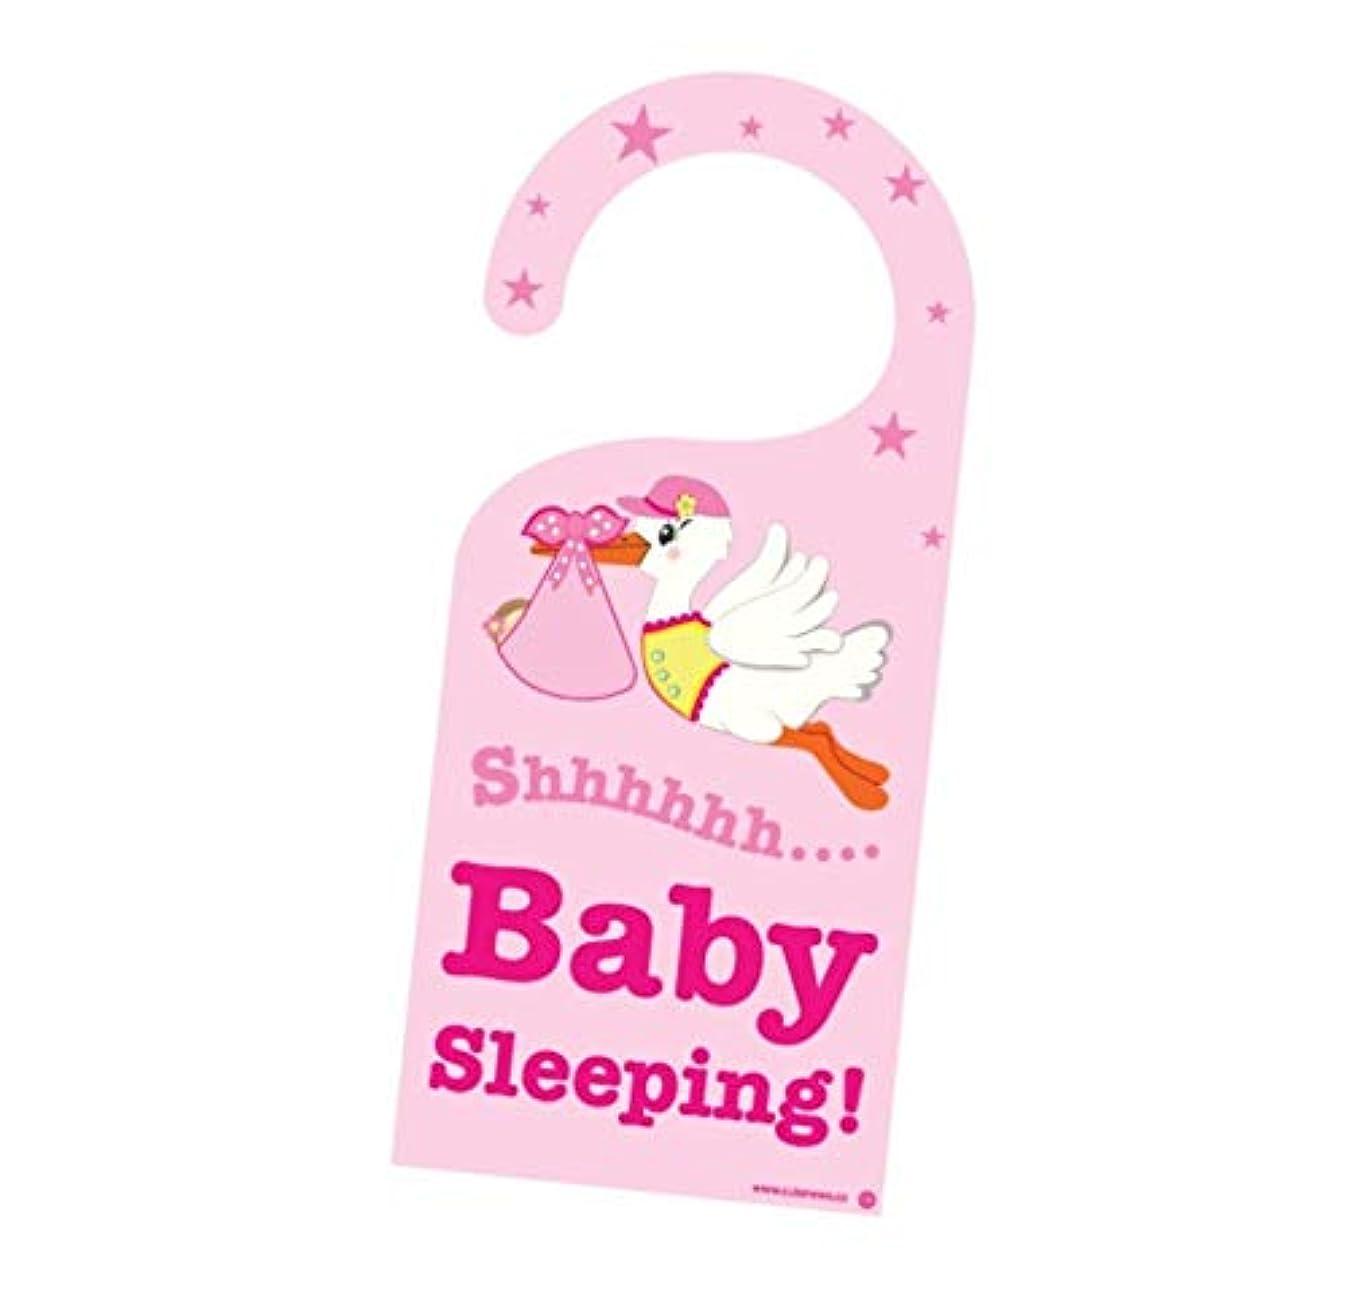 Cute News Baby Girl is Sleeping Door Hanger - Do Not Disturb or Knock - Great Gift for Parents - Pink